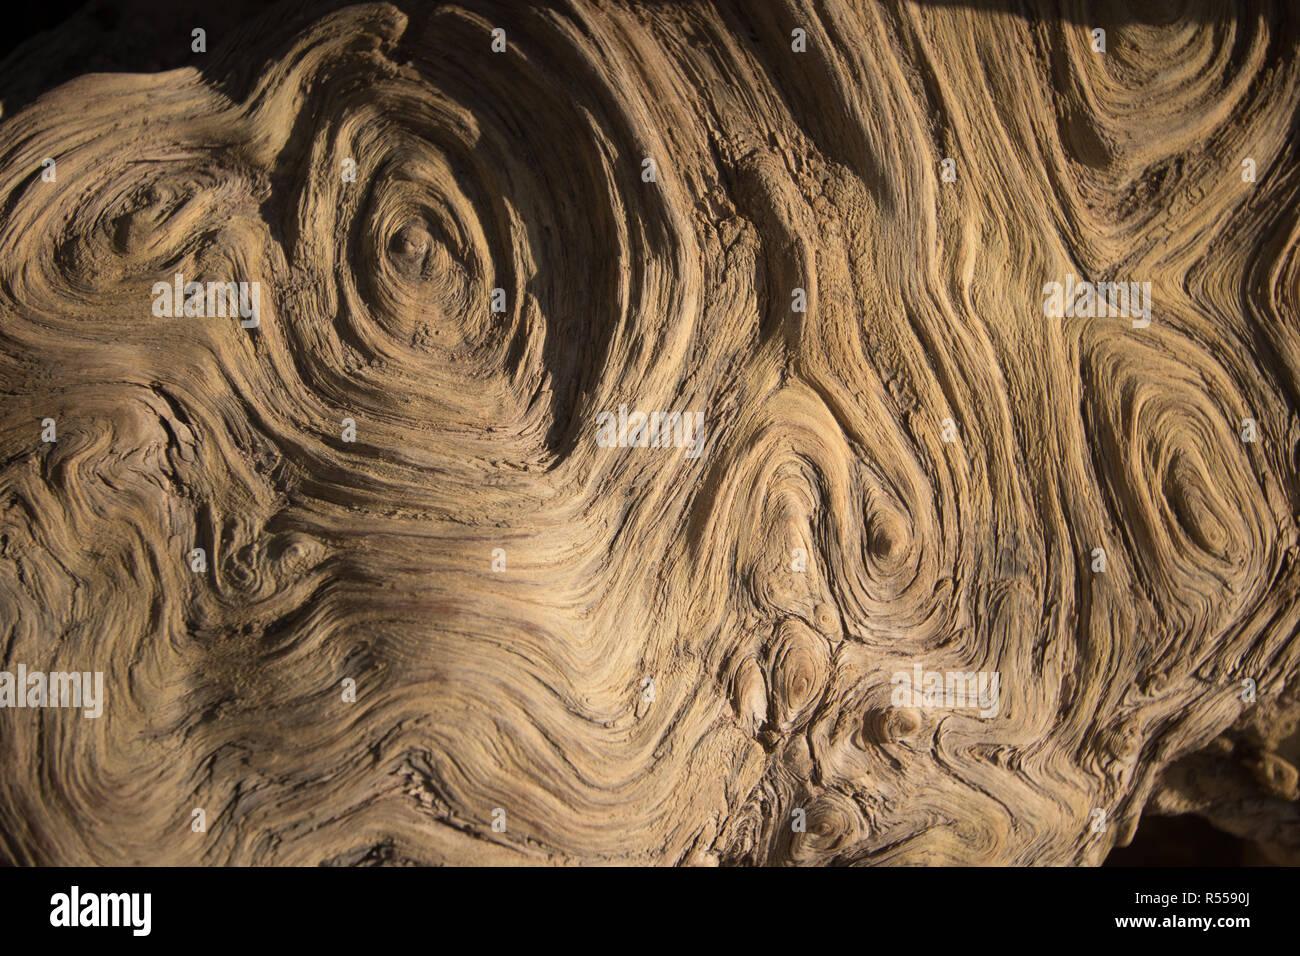 Holzformen eines Baumes Linien und Kreise - Stock Image